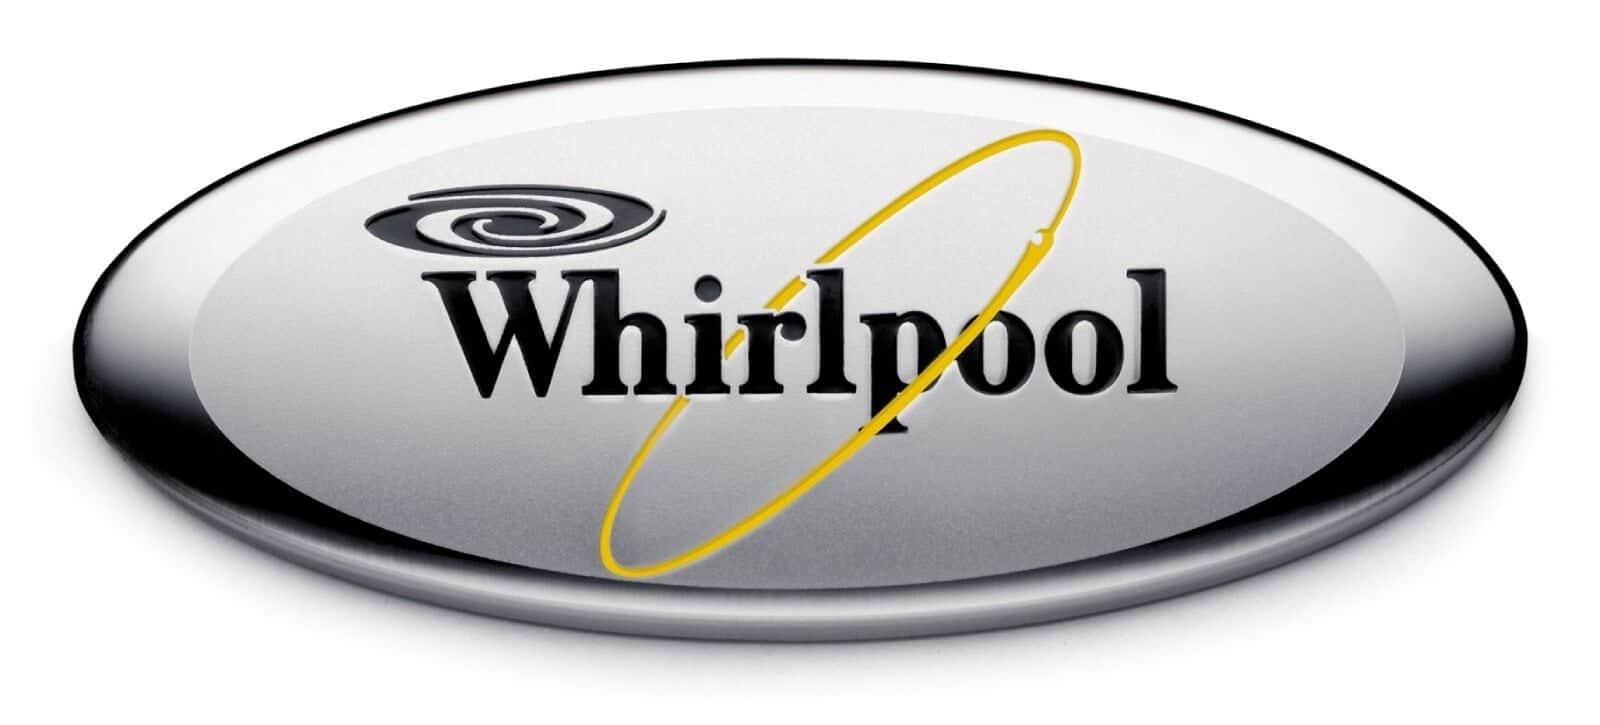 whirlpool AC-Repair in Dubai